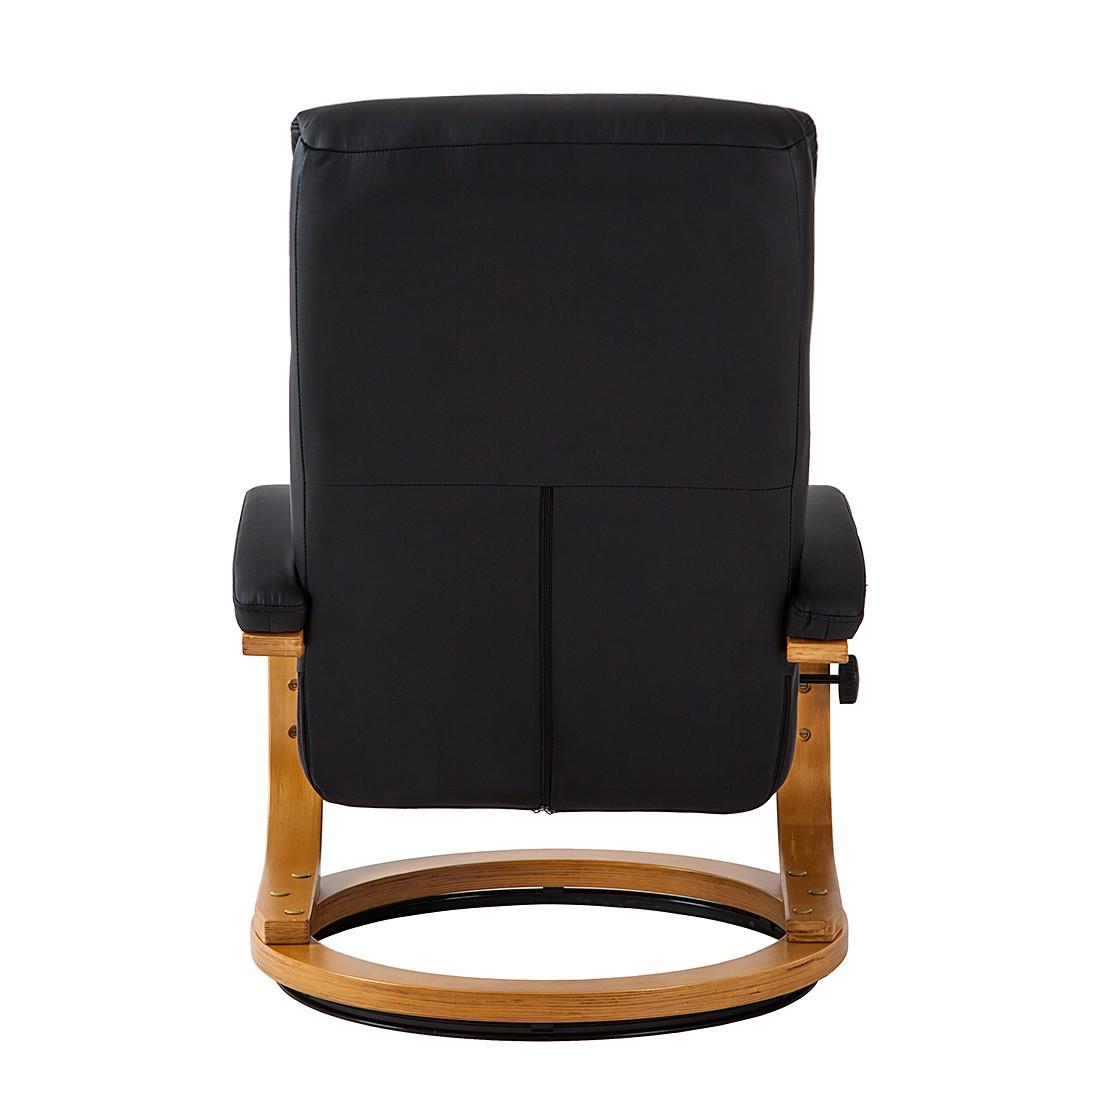 relaxsessel vancouver mit hocker kunstleder schwarz tv sessel fernsehsessel. Black Bedroom Furniture Sets. Home Design Ideas